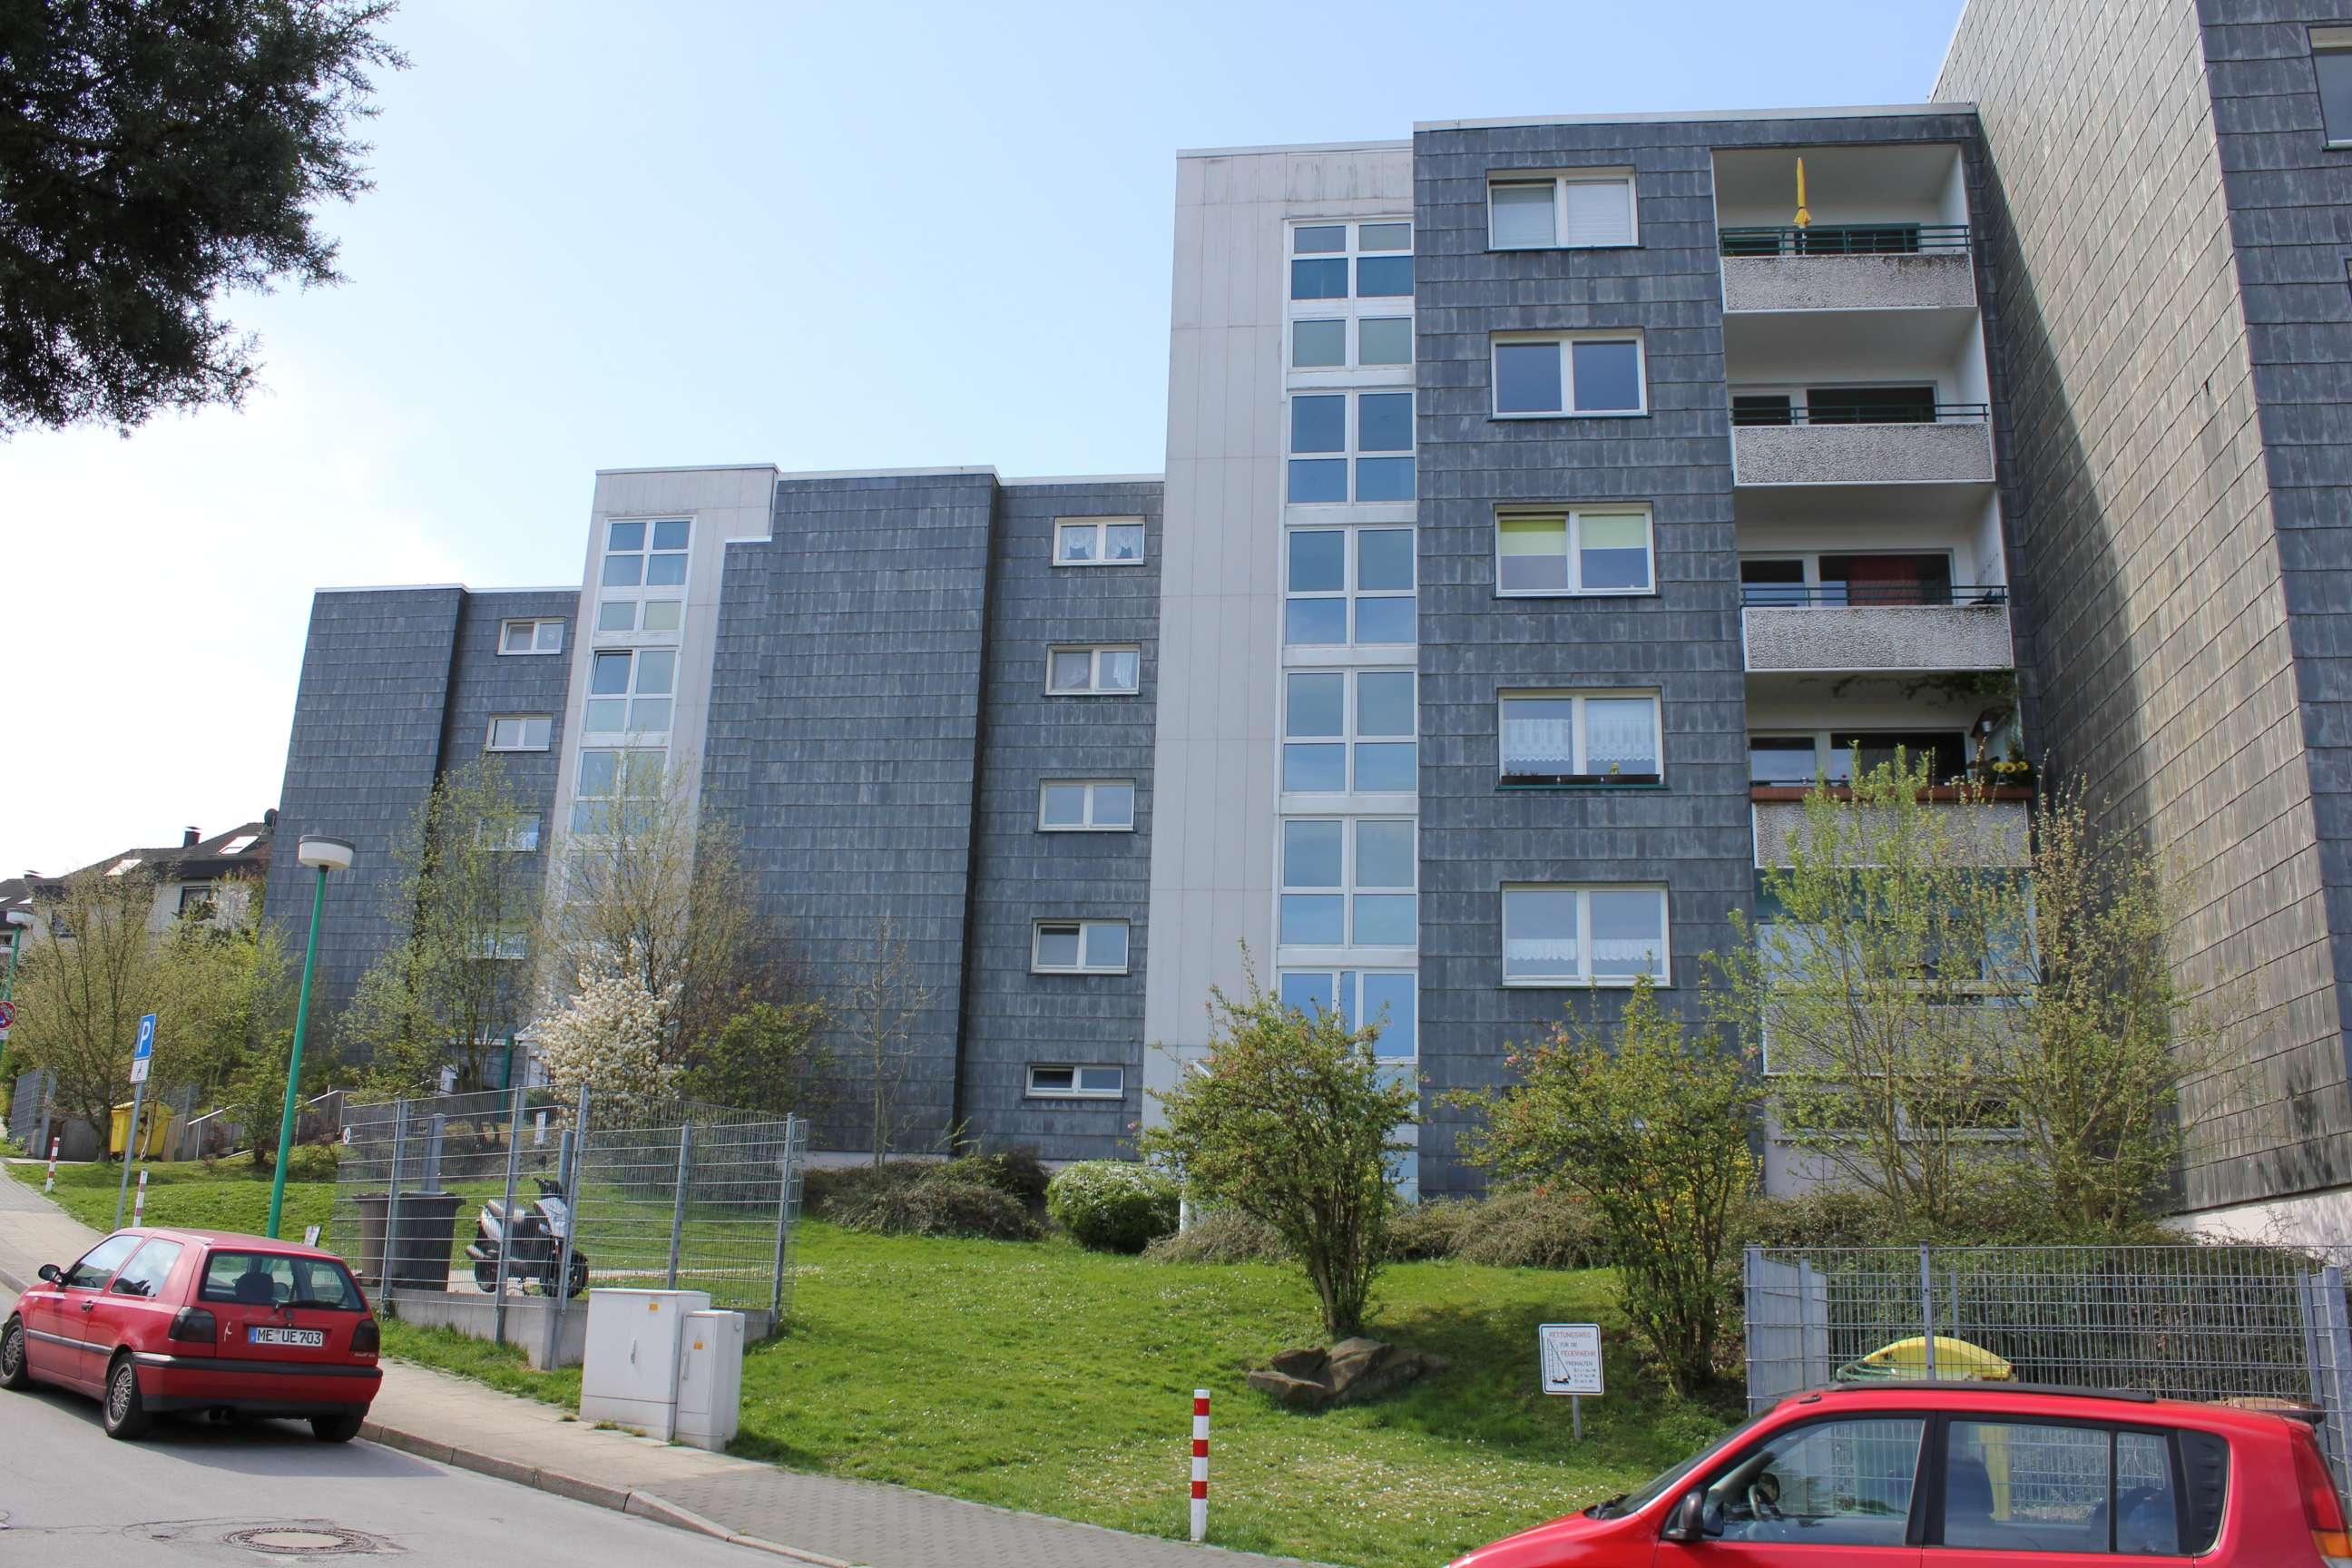 Velbert - Laakmannsbusch 15-27